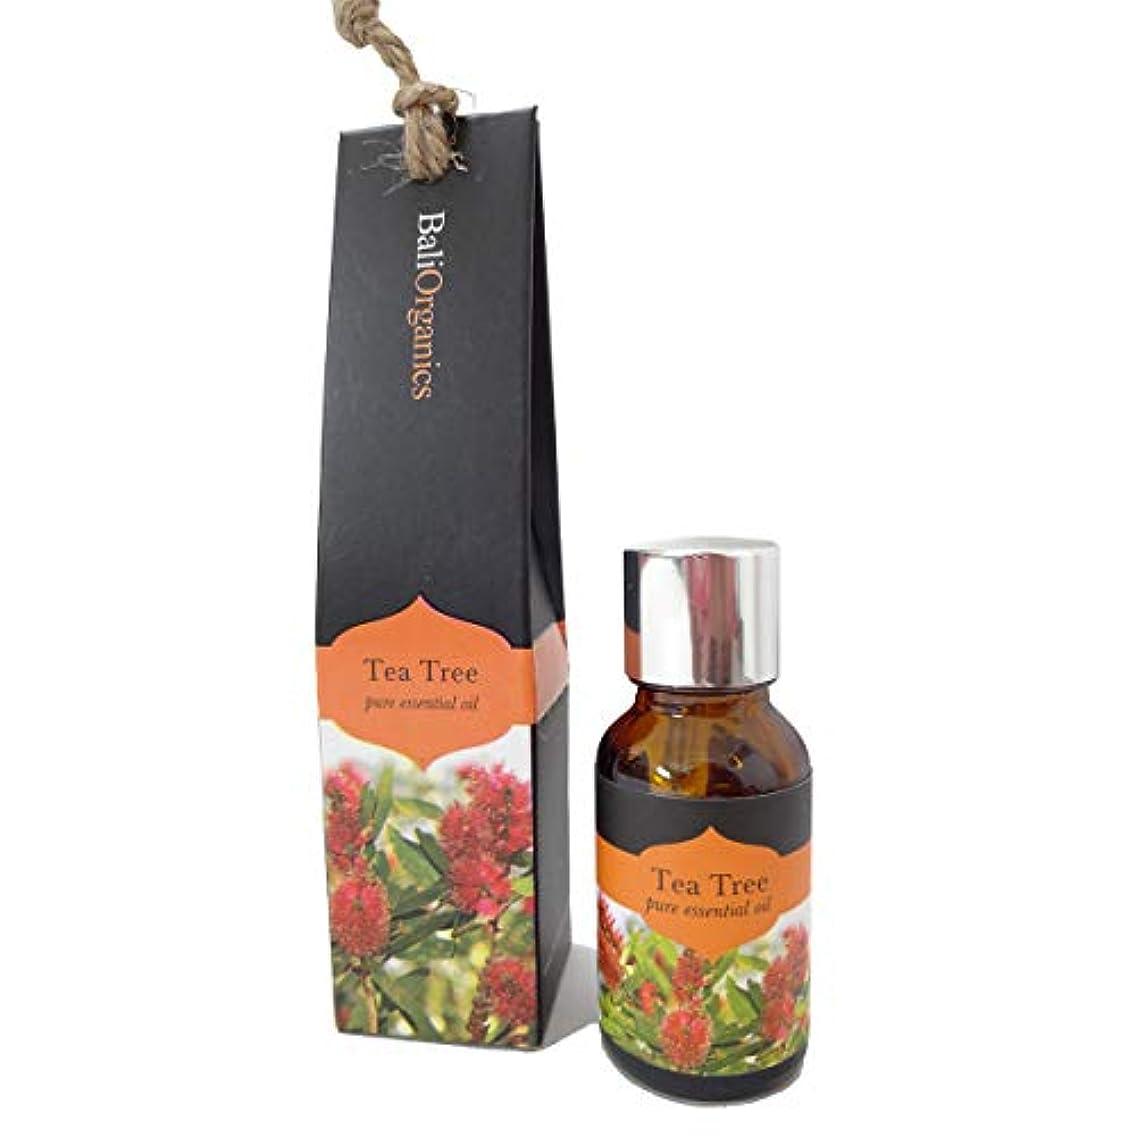 タイプライター刺激する学者Bali Organics バリオーガニック アロマ エッセンシャルオイル Tea Tree ティーツリー 15ml